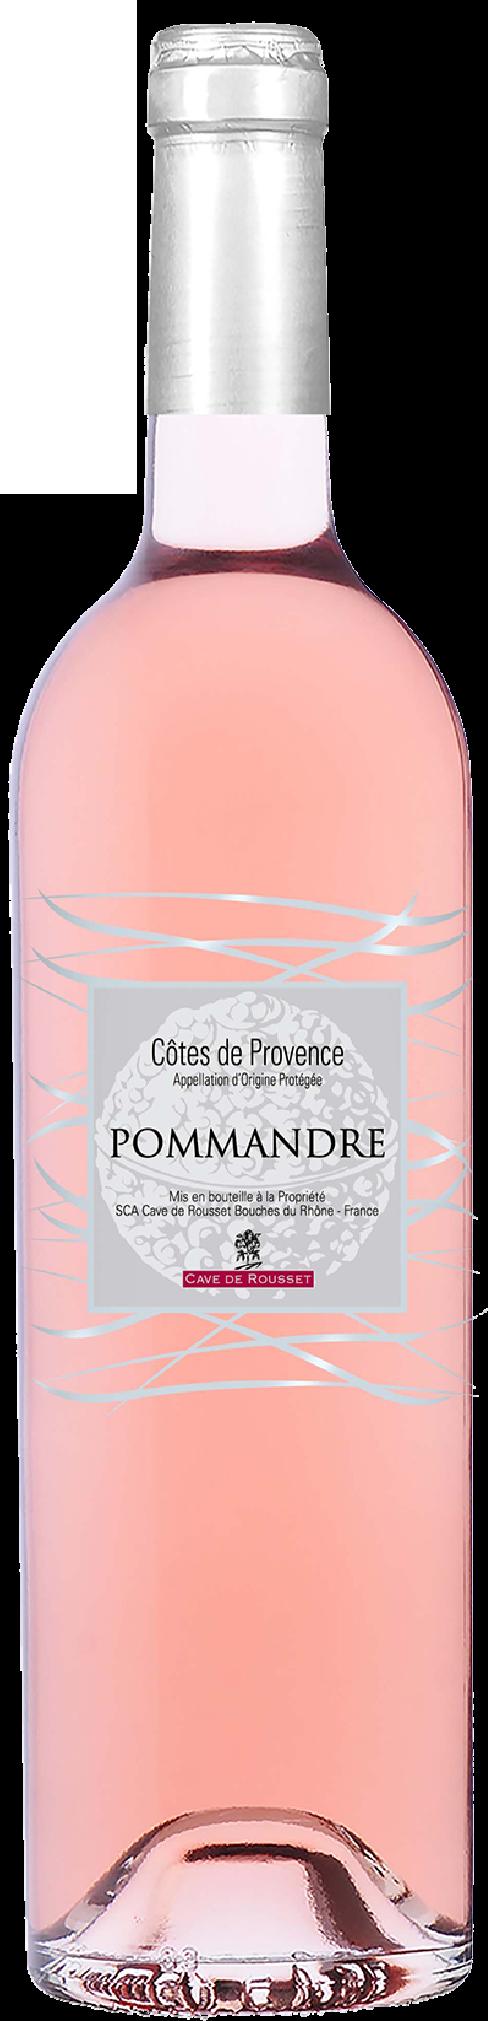 Côtes de Provence - Cuvée Pommandre - Cave de Rousset - 2019